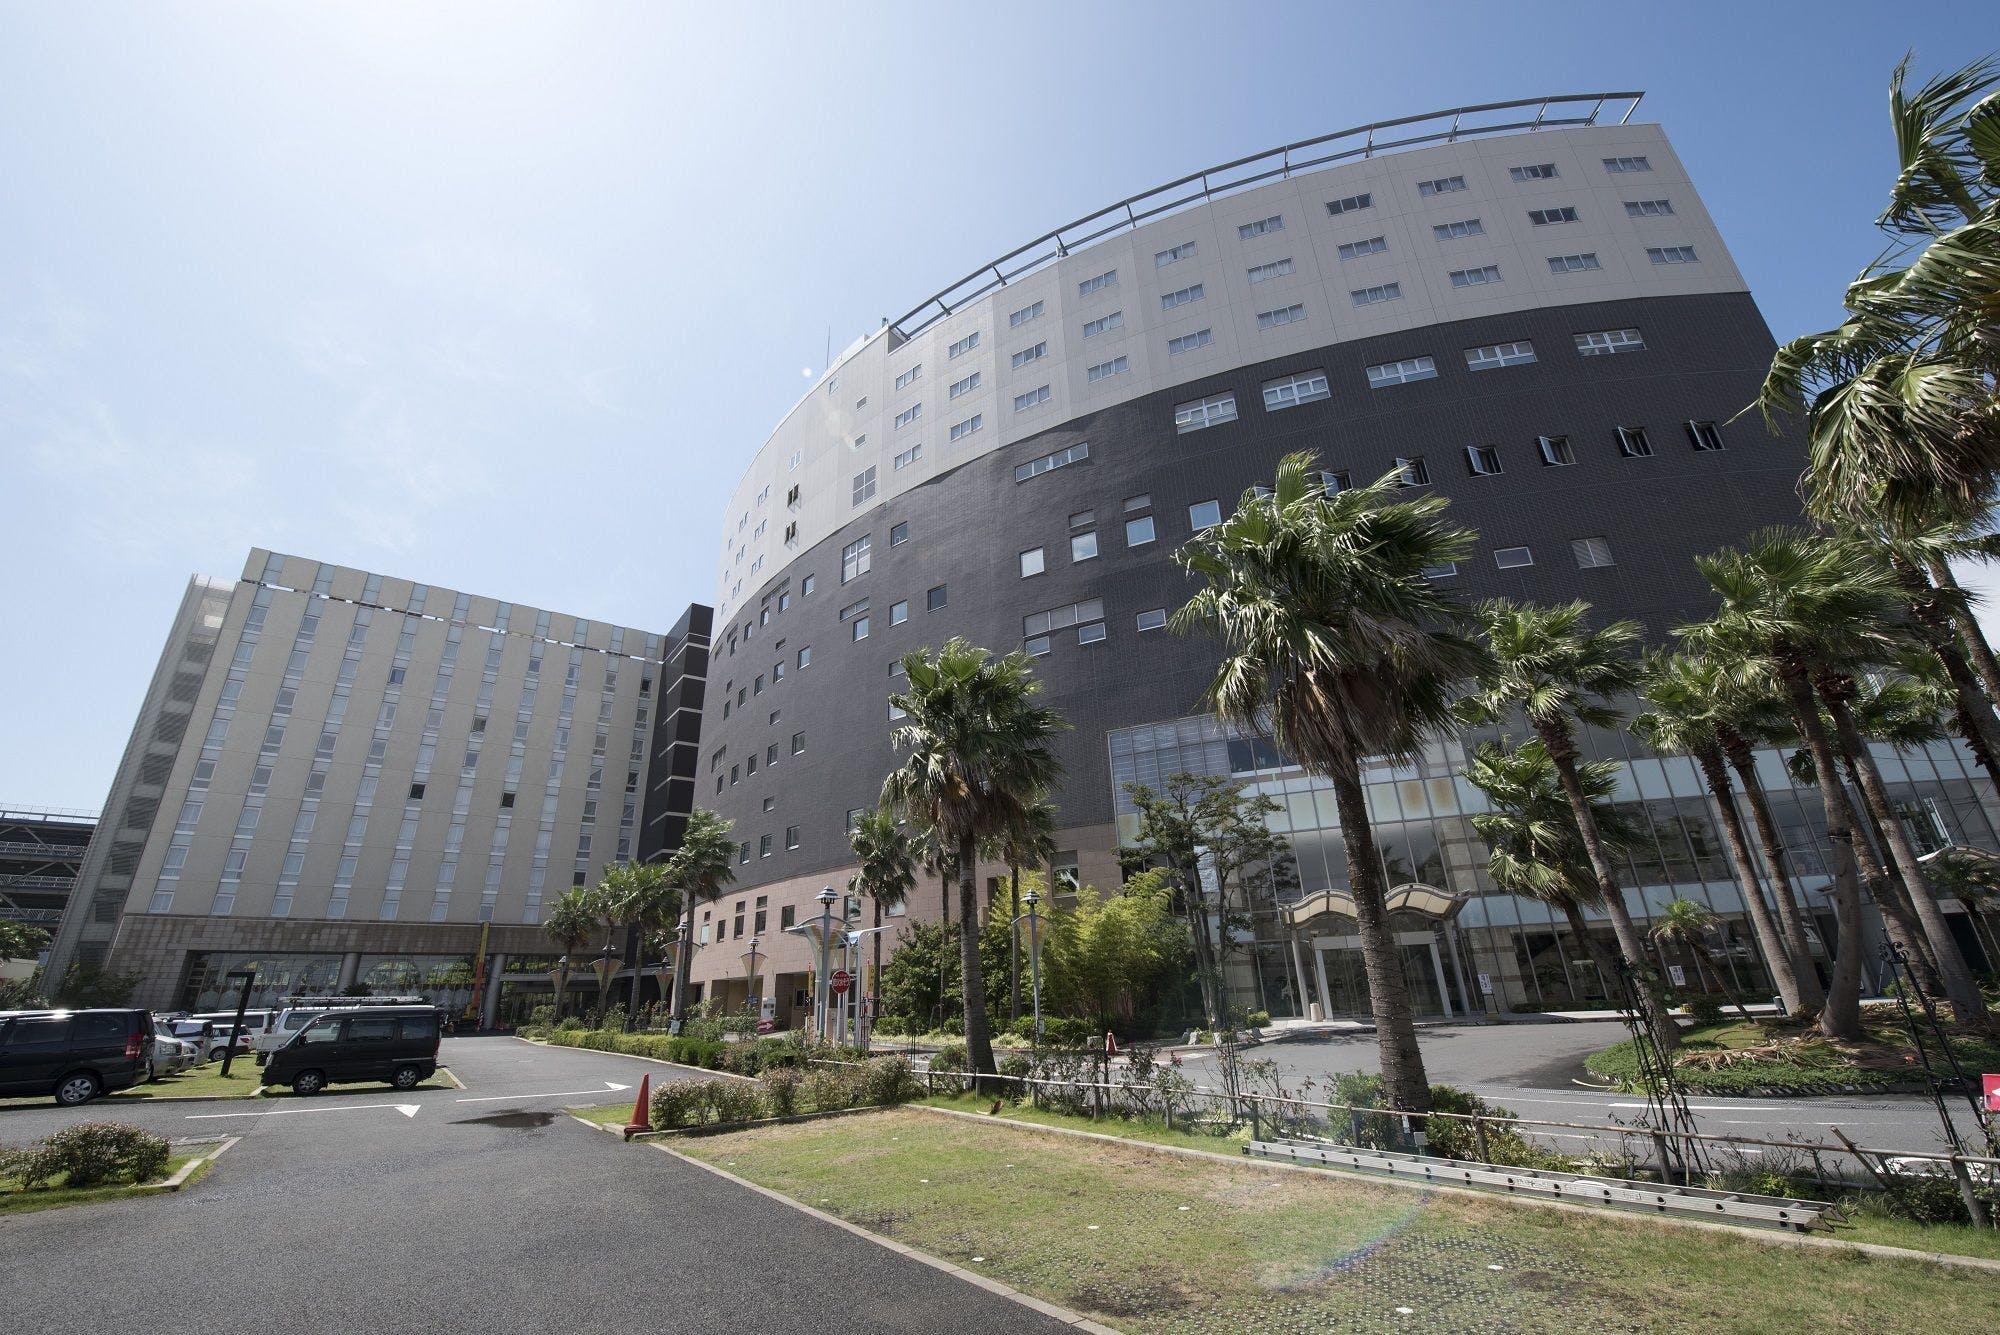 東京ディズニーランド周辺のホテル・旅館 宿泊予約 - 【yahoo!トラベル】